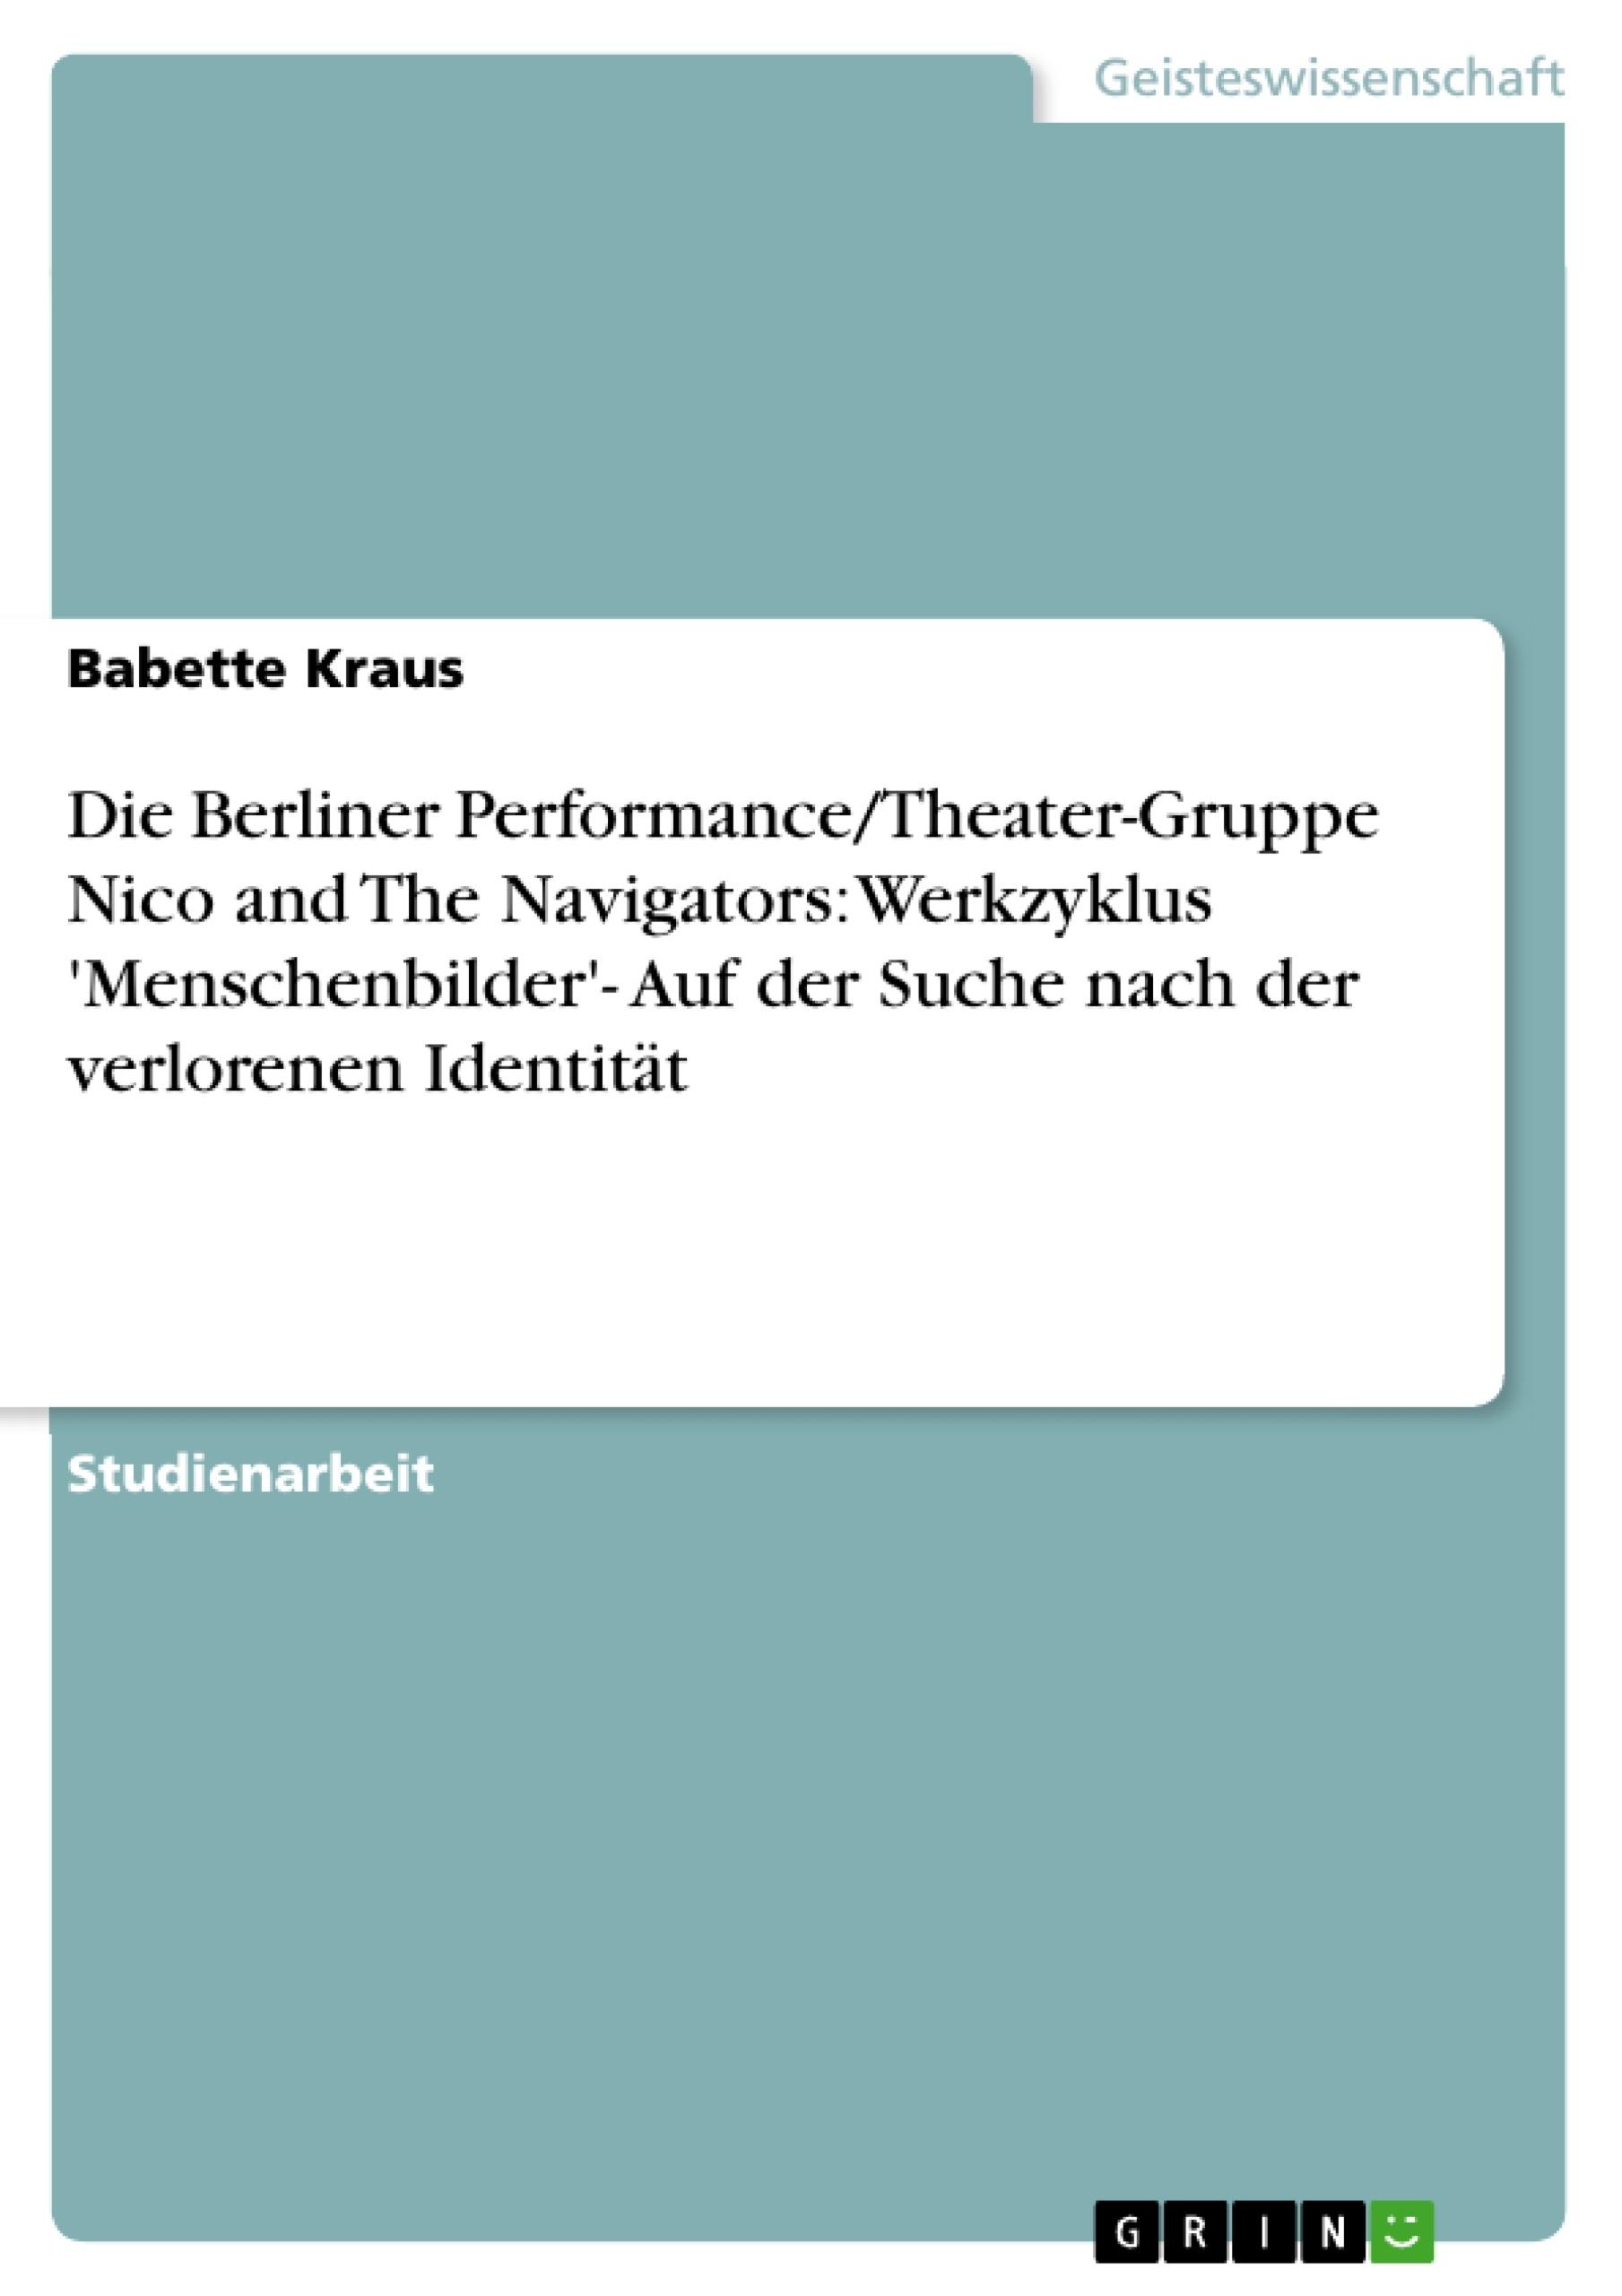 Titel: Die Berliner Performance/Theater-Gruppe Nico and The Navigators: Werkzyklus 'Menschenbilder'- Auf der Suche nach der verlorenen Identität